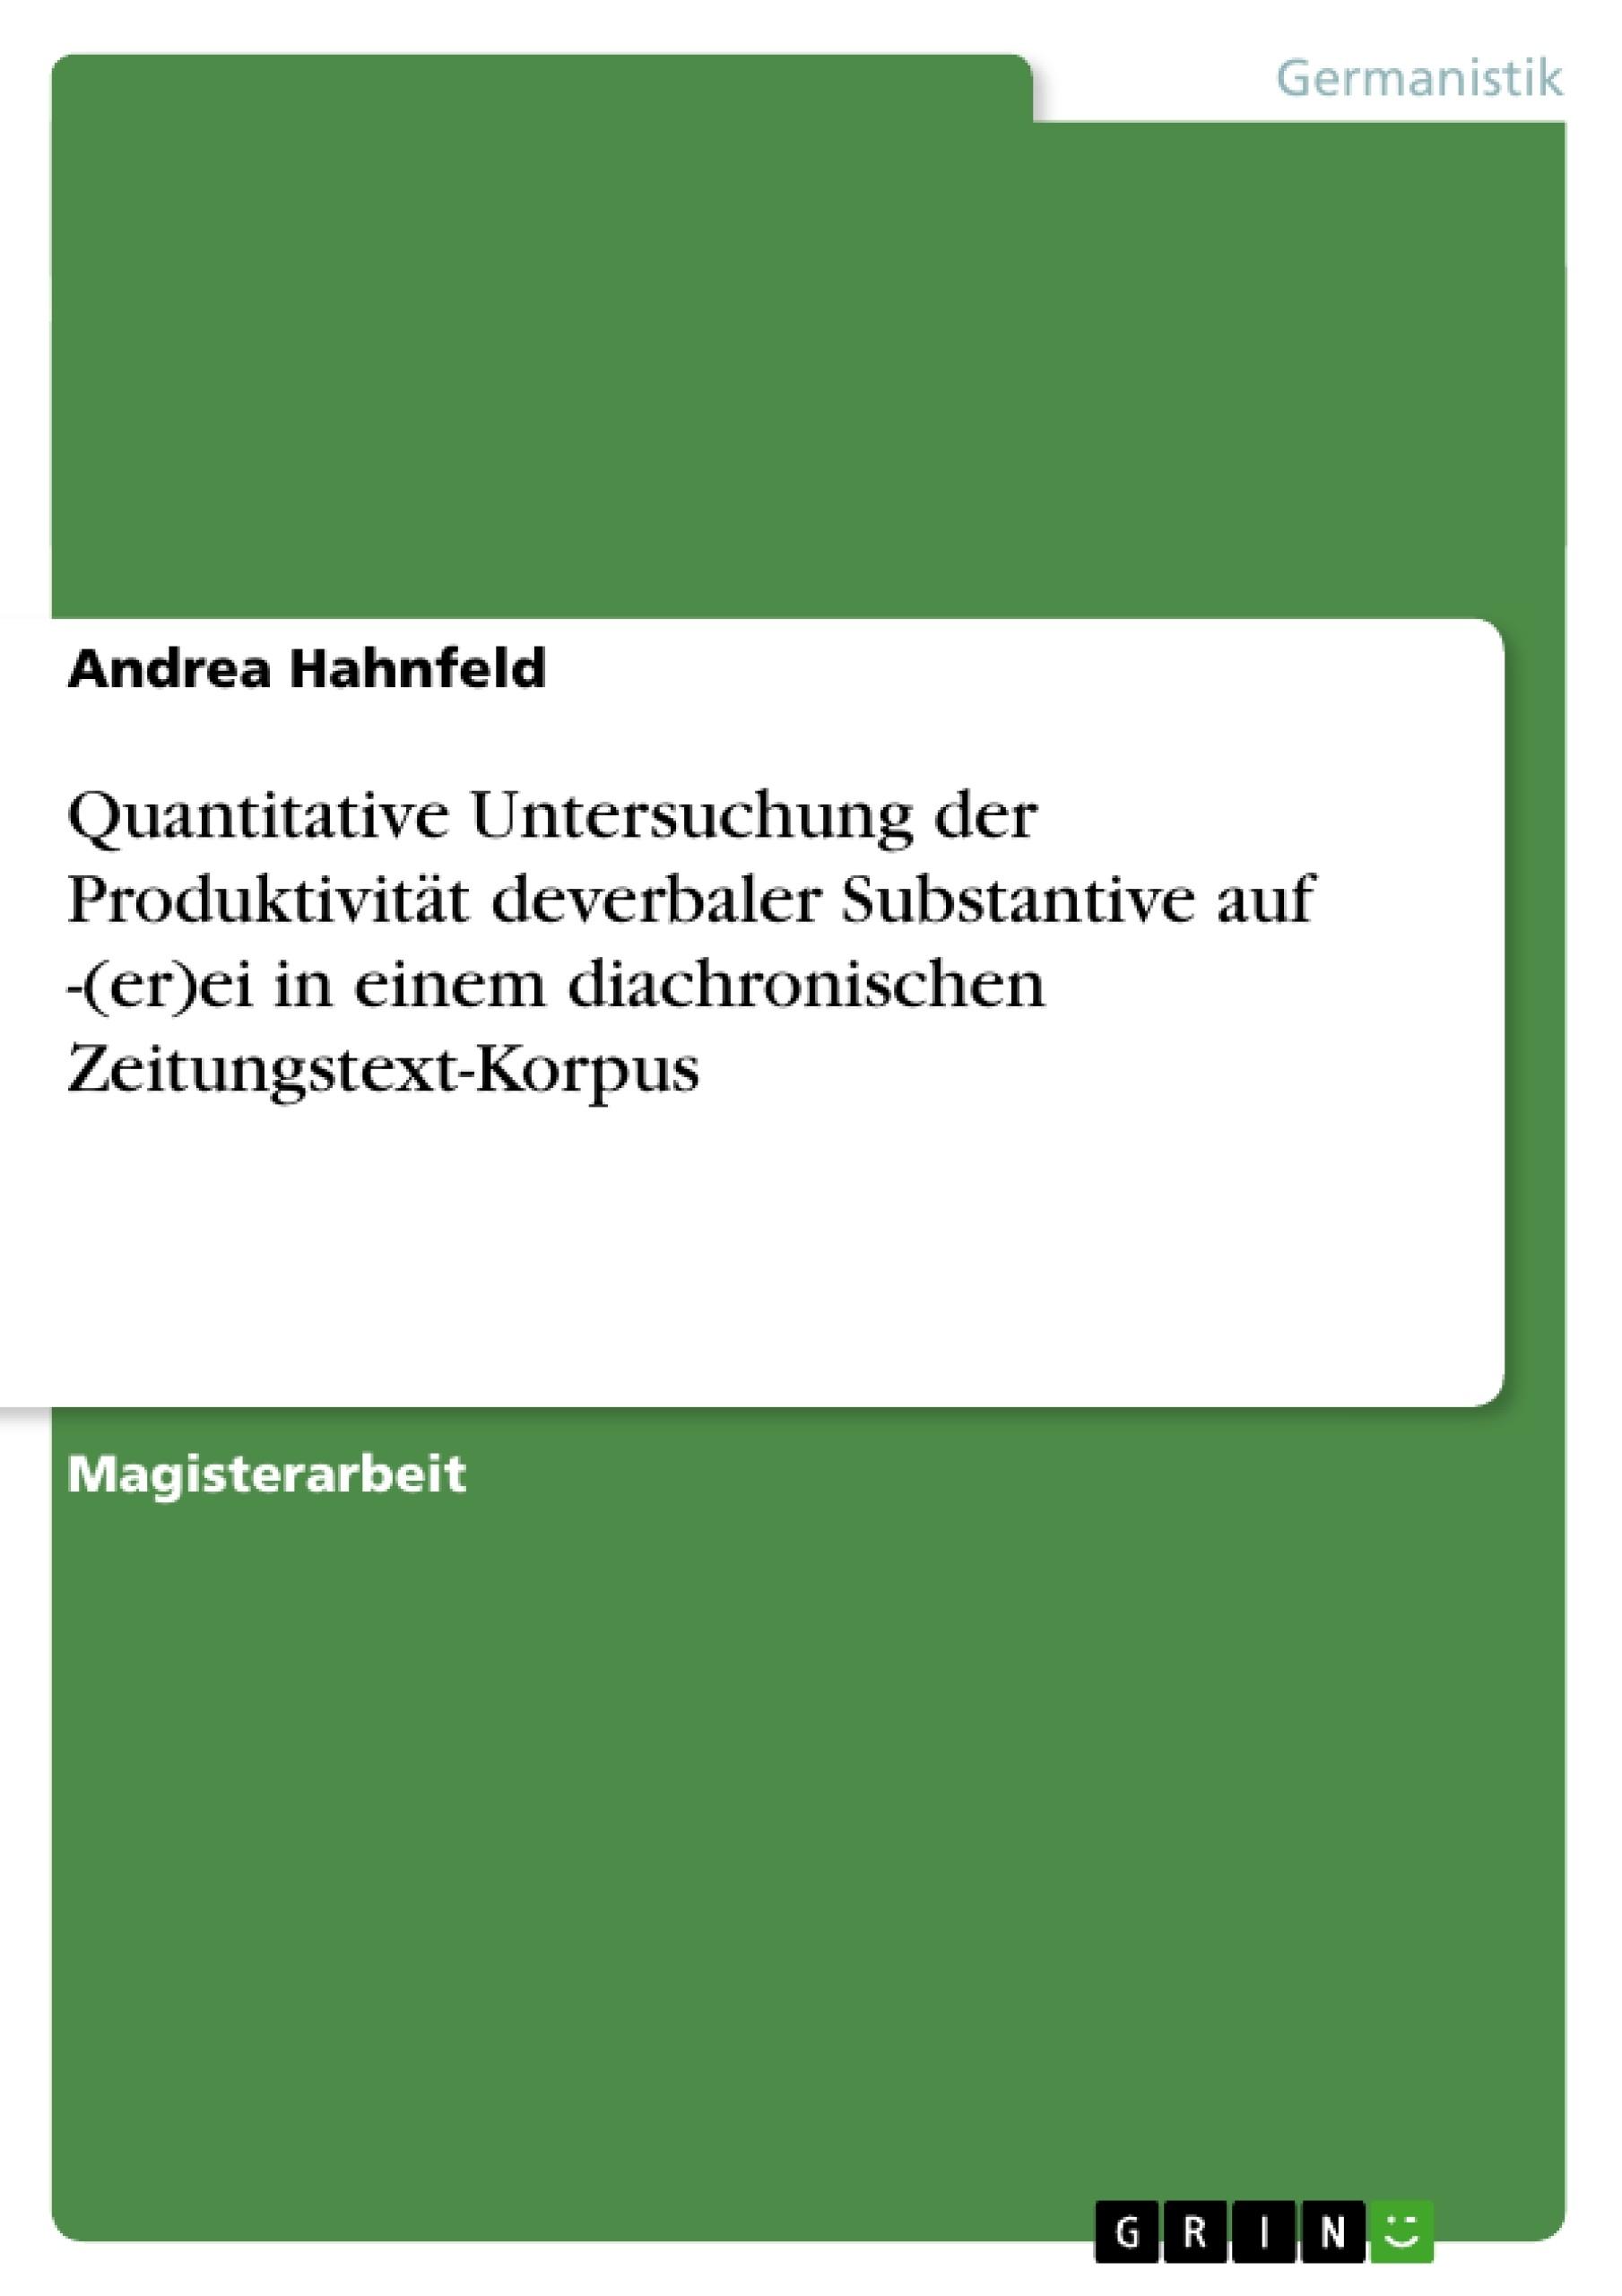 Titel: Quantitative Untersuchung der Produktivität deverbaler Substantive auf -(er)ei in einem diachronischen Zeitungstext-Korpus